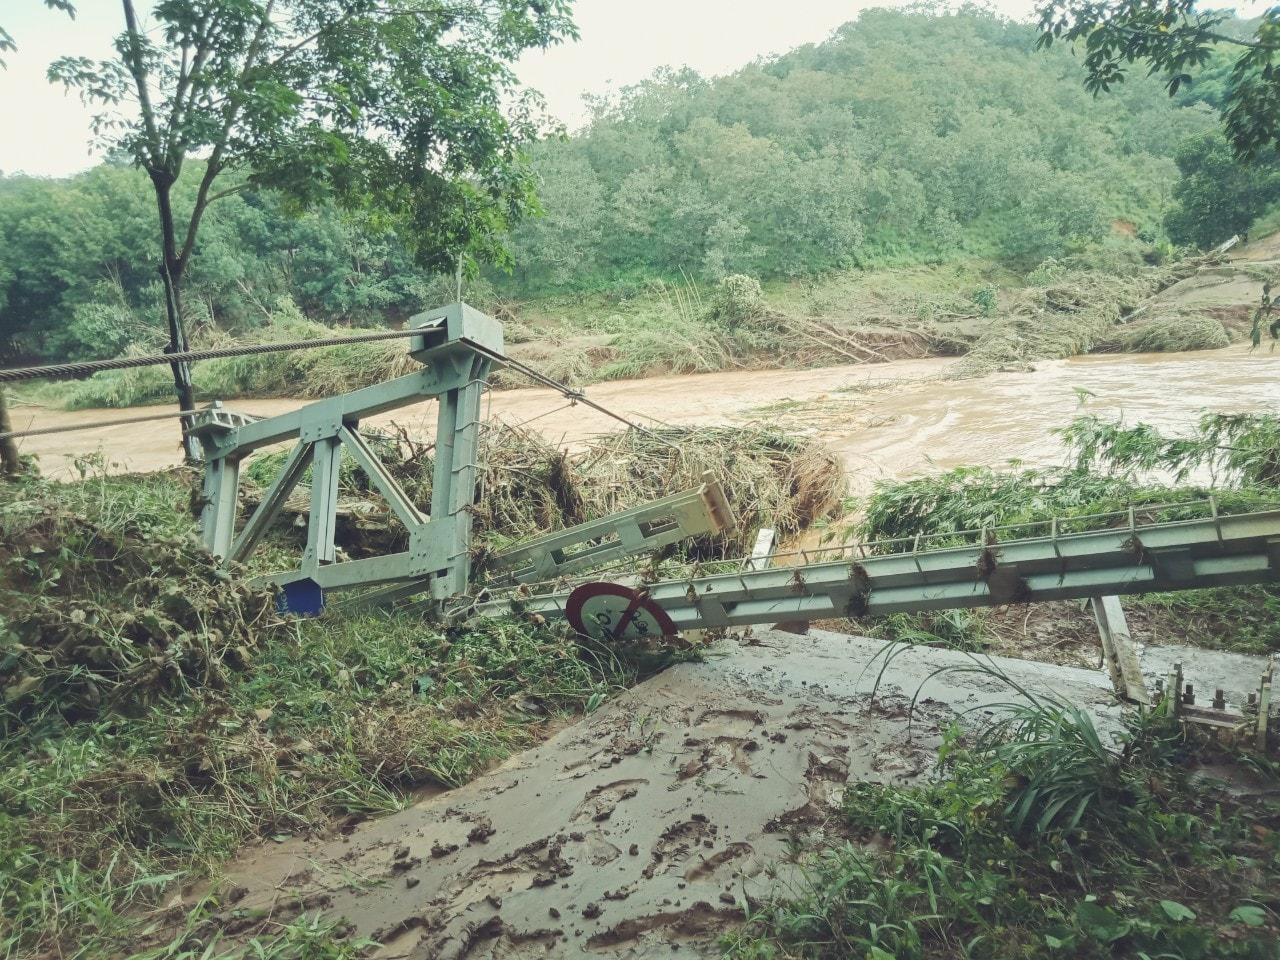 Hiện trường cây cầu dân sinh được đầu tư xây dựng với kinh phí hơn 3,5 tỷ đồng bắc qua Sông Lấp trên địa bàn xã Phú Sơn, huyện Bù Đăng, tỉnh Bình Phước bị lũ cuốn bay đêm ngày 8-8-2019